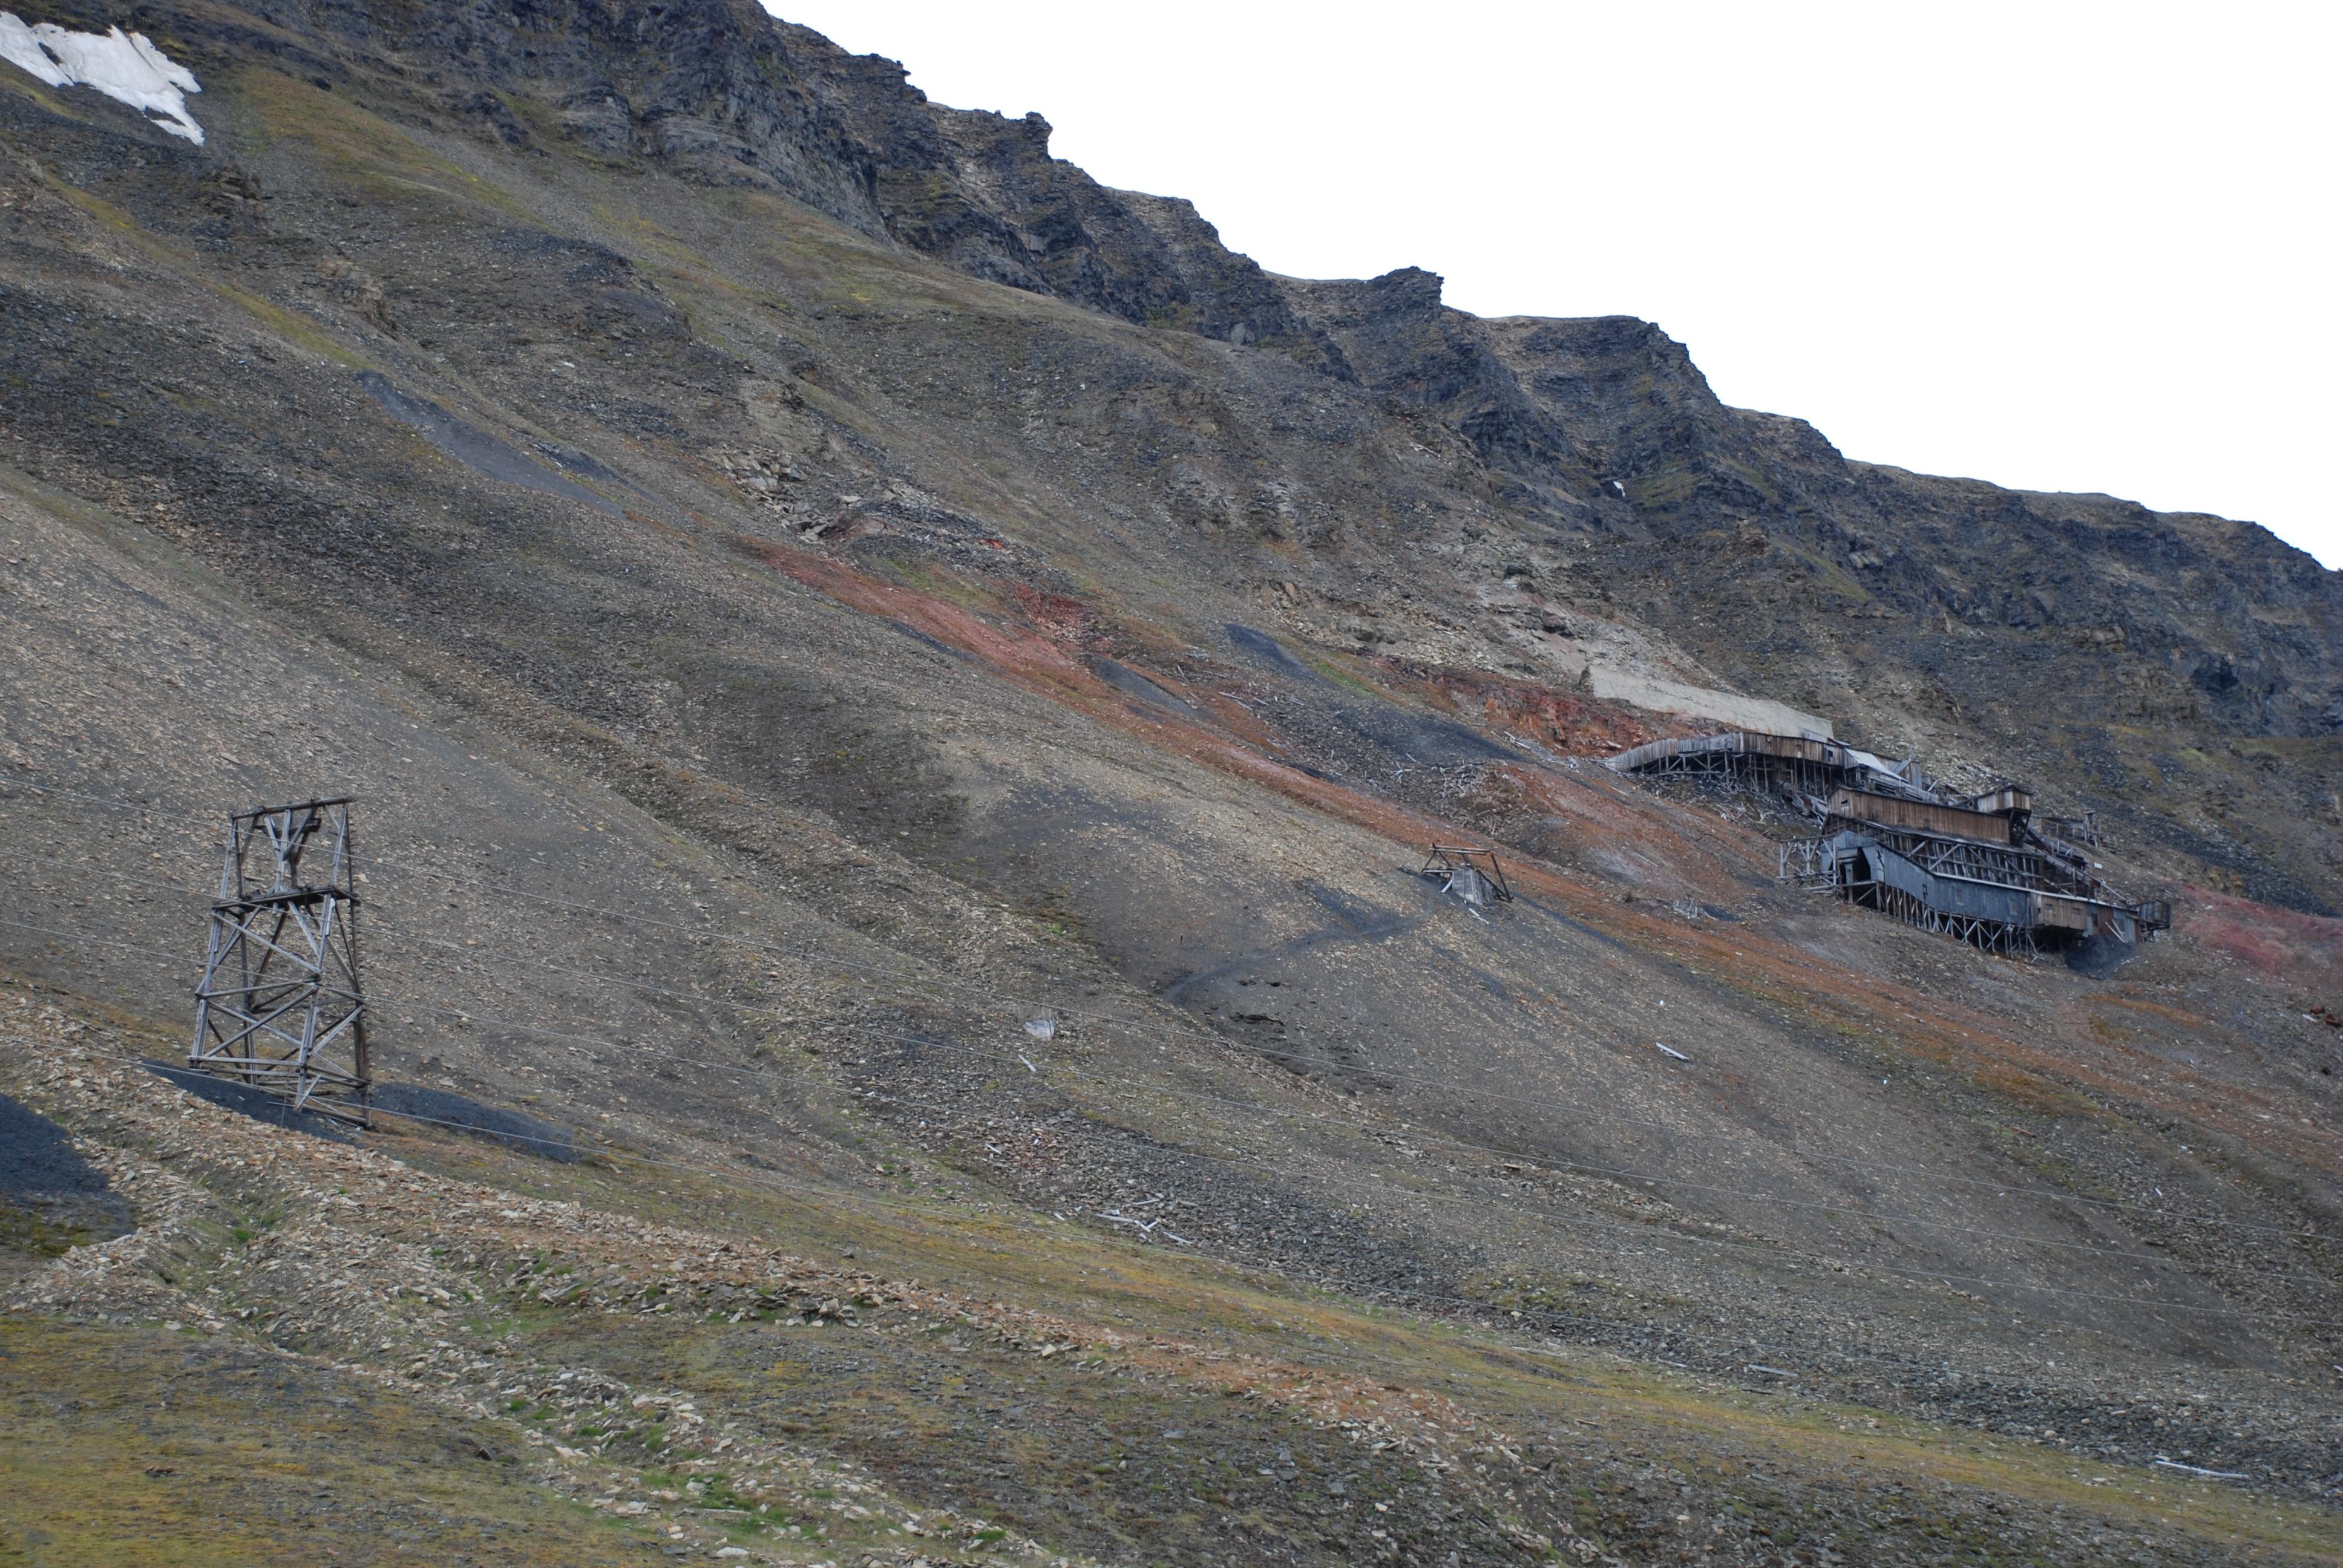 De ikoniske rekkene med taubanebukker på Longyearbyens fjellsider er svært utsatt for utglidning i bakken ettersom permafrosten tiner samt for stein- og snøras. I denne rekken til Gruve 2 er to av bukkene tatt av et snøras fra fjelltoppen. Foto: Susan Barr / Riksantikvaren